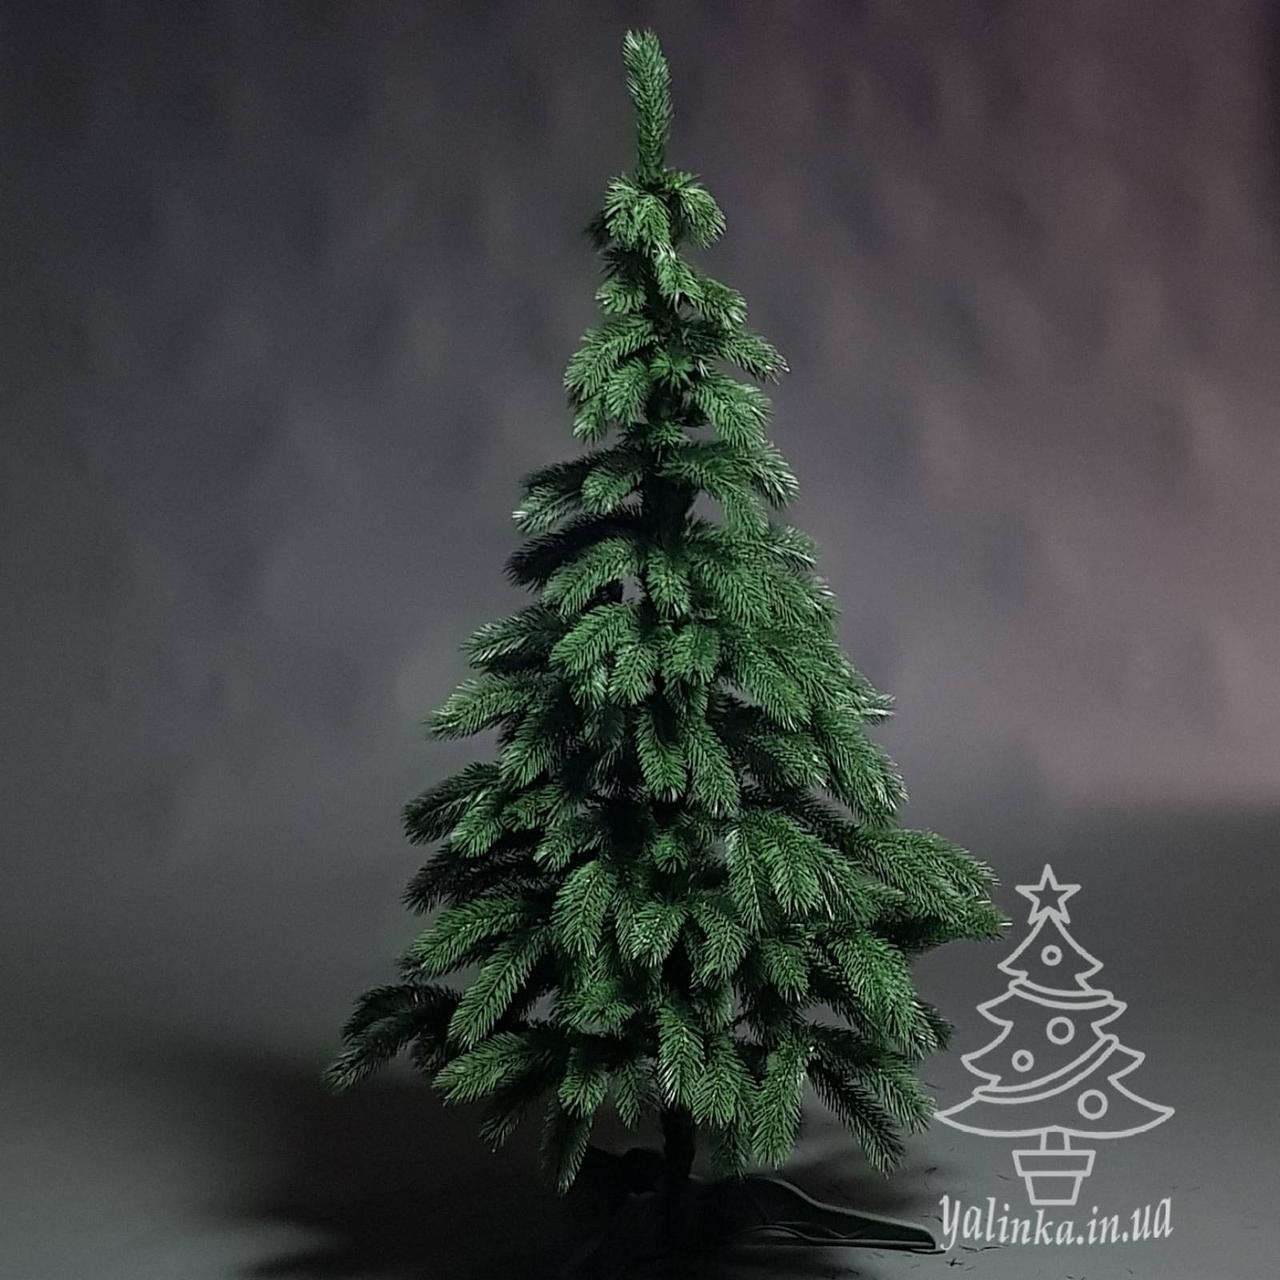 Искусственная ель литая 1.50м ель ели ёлка ёлки елка елки  штучна ялинка ялинки